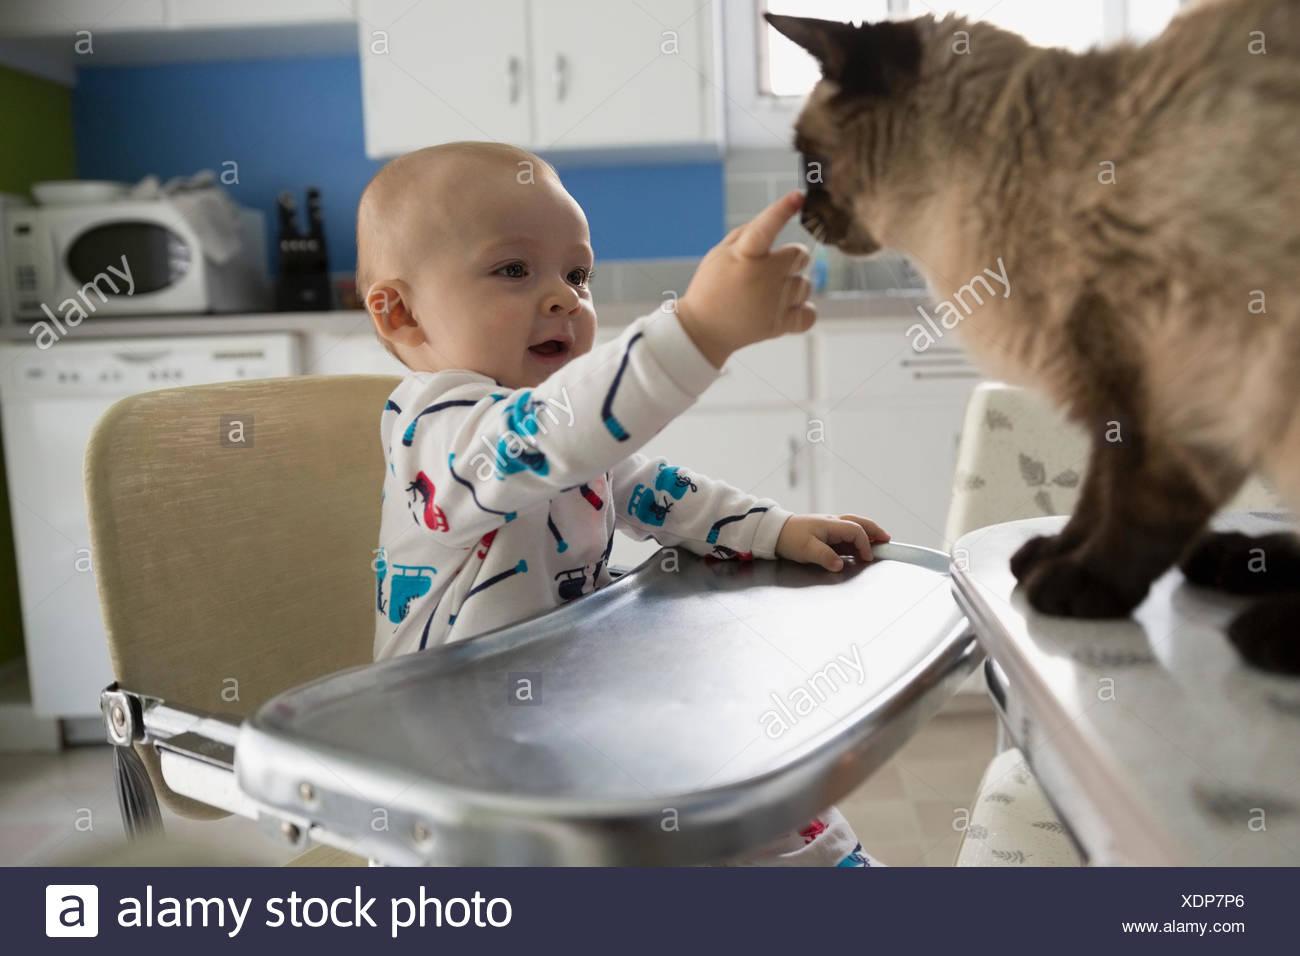 Baby boy seggiolone petting cat cucina Immagini Stock